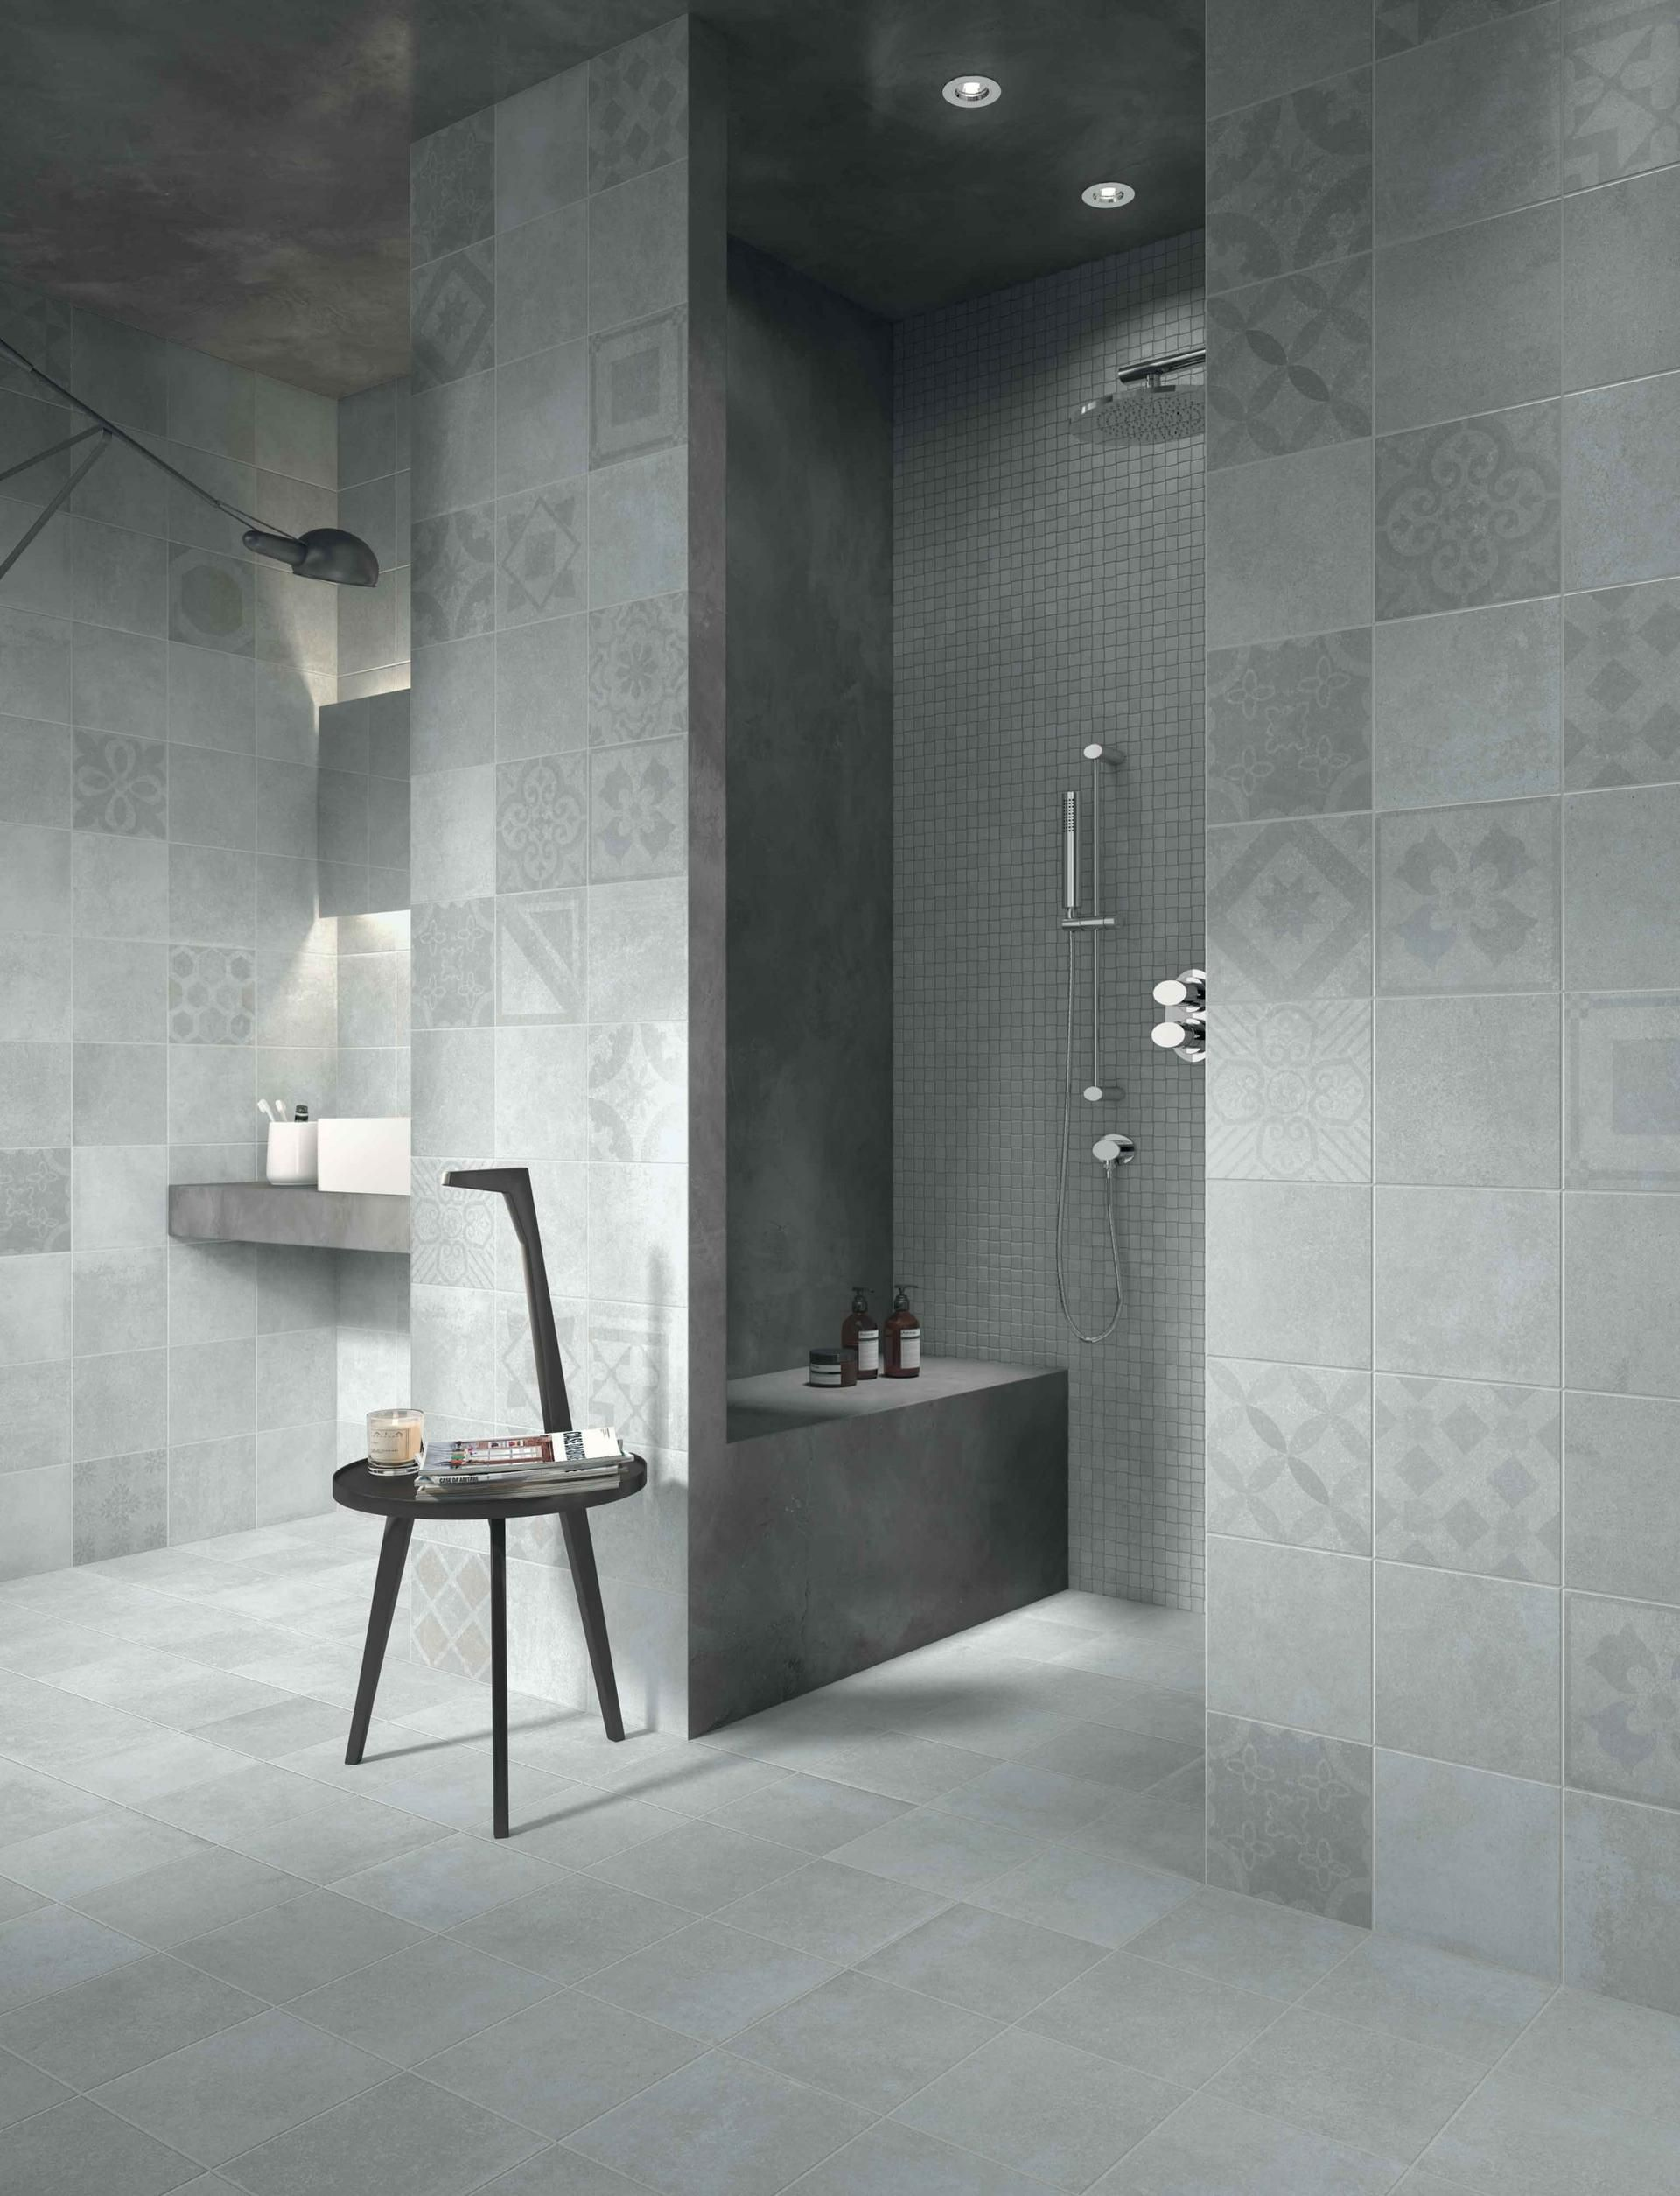 Betonoptik Fur Ein Asthetisches Wohnambiente Fliesen Wohnzimmer Badezimmer Renovierungen Badezimmer Design